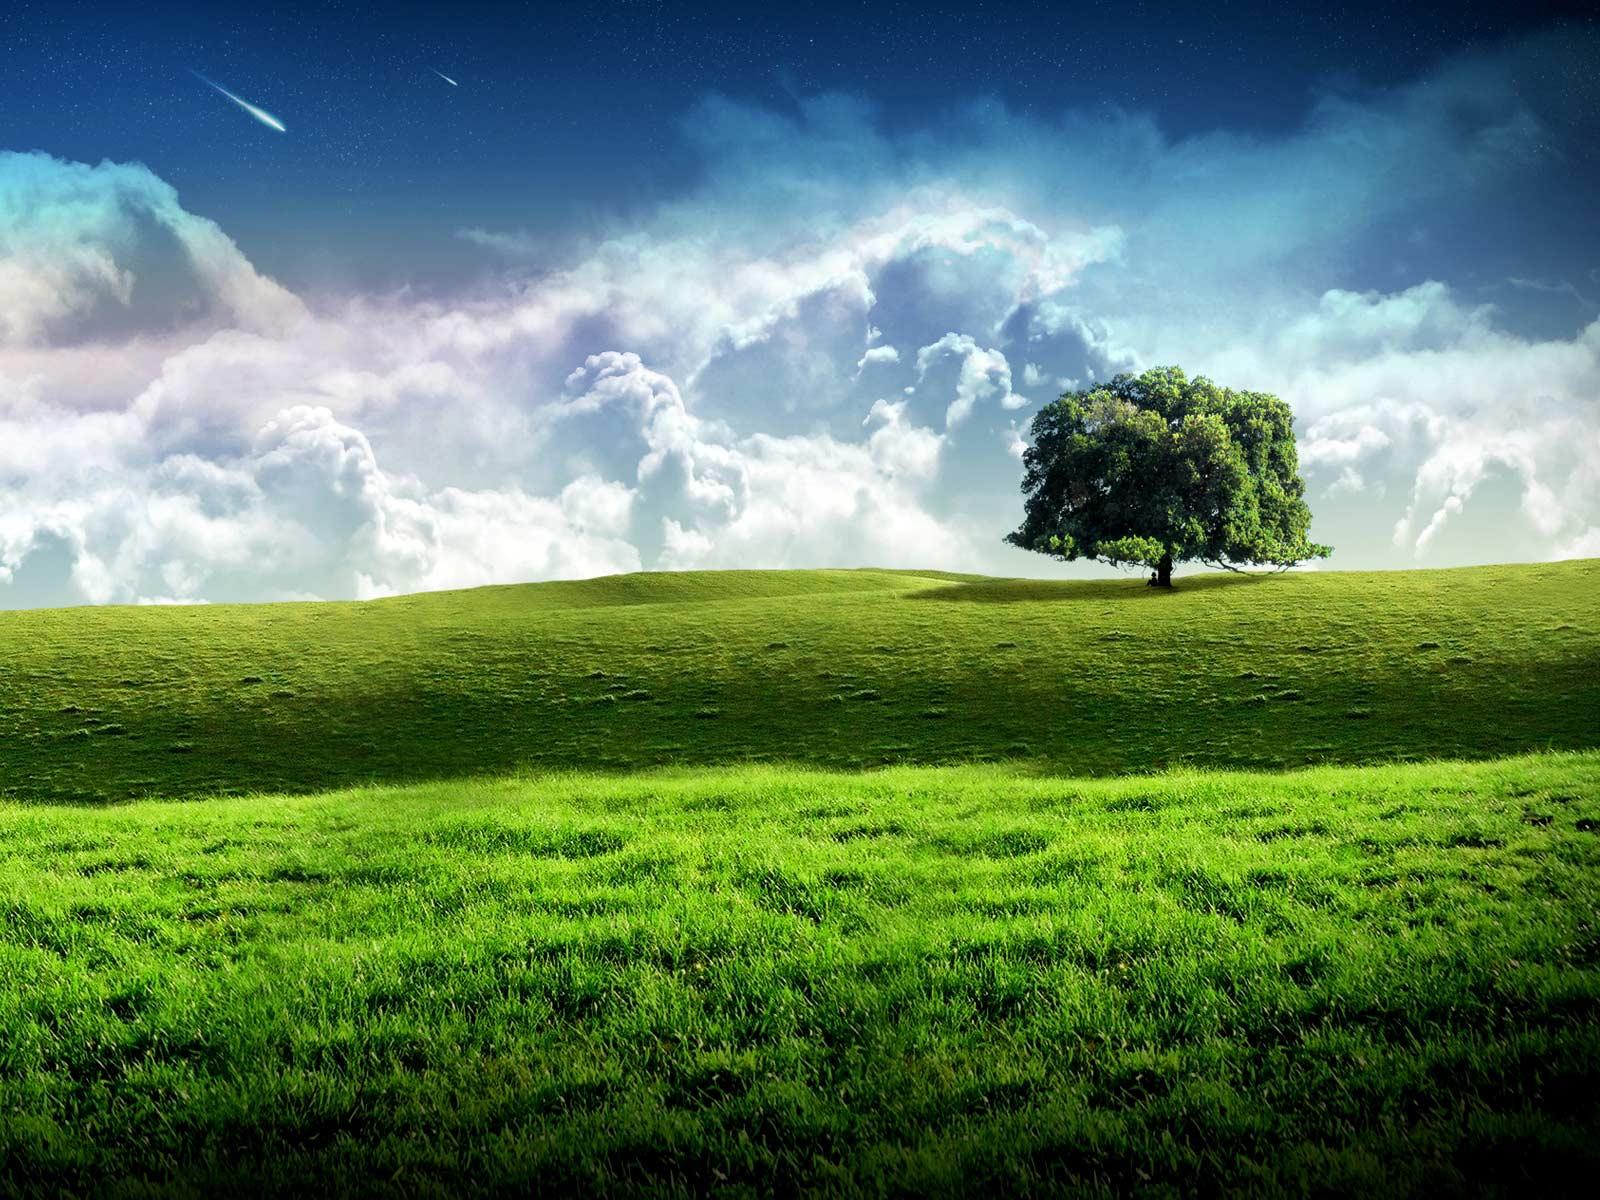 http://4.bp.blogspot.com/-JWnSYUbehEk/UDcQZhv8JII/AAAAAAAACm8/K9A_9HFhiFE/s1600/261109,xcitefun-relaxing-nature-scene-9.jpg